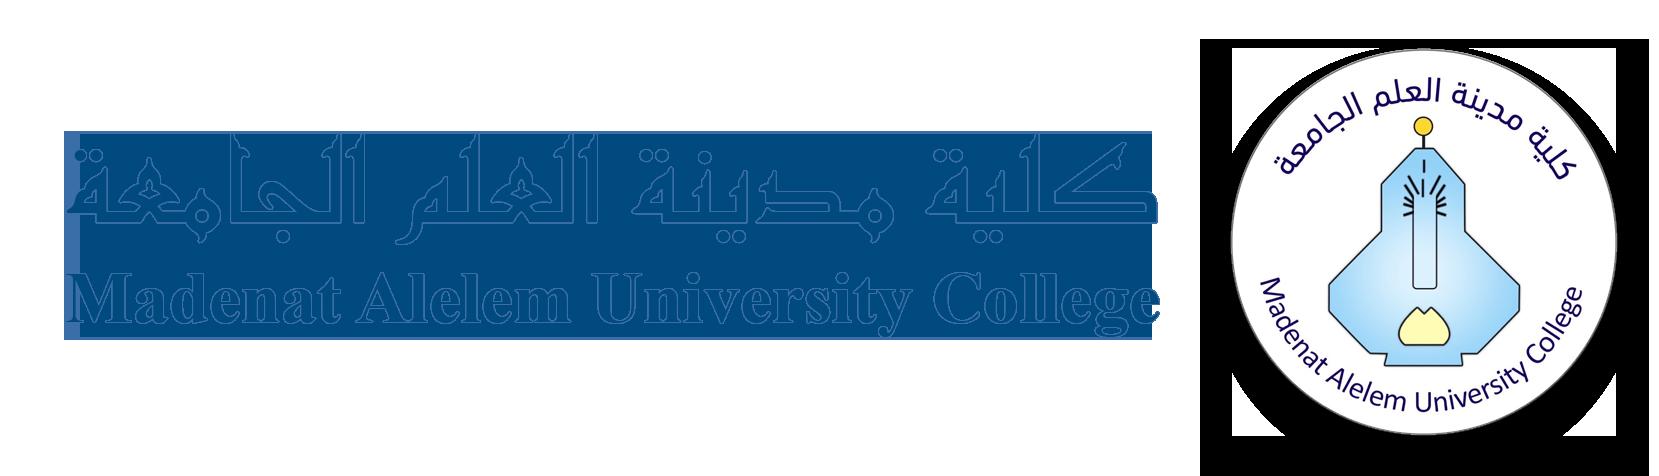 كلية مدينة العلم الجامعة